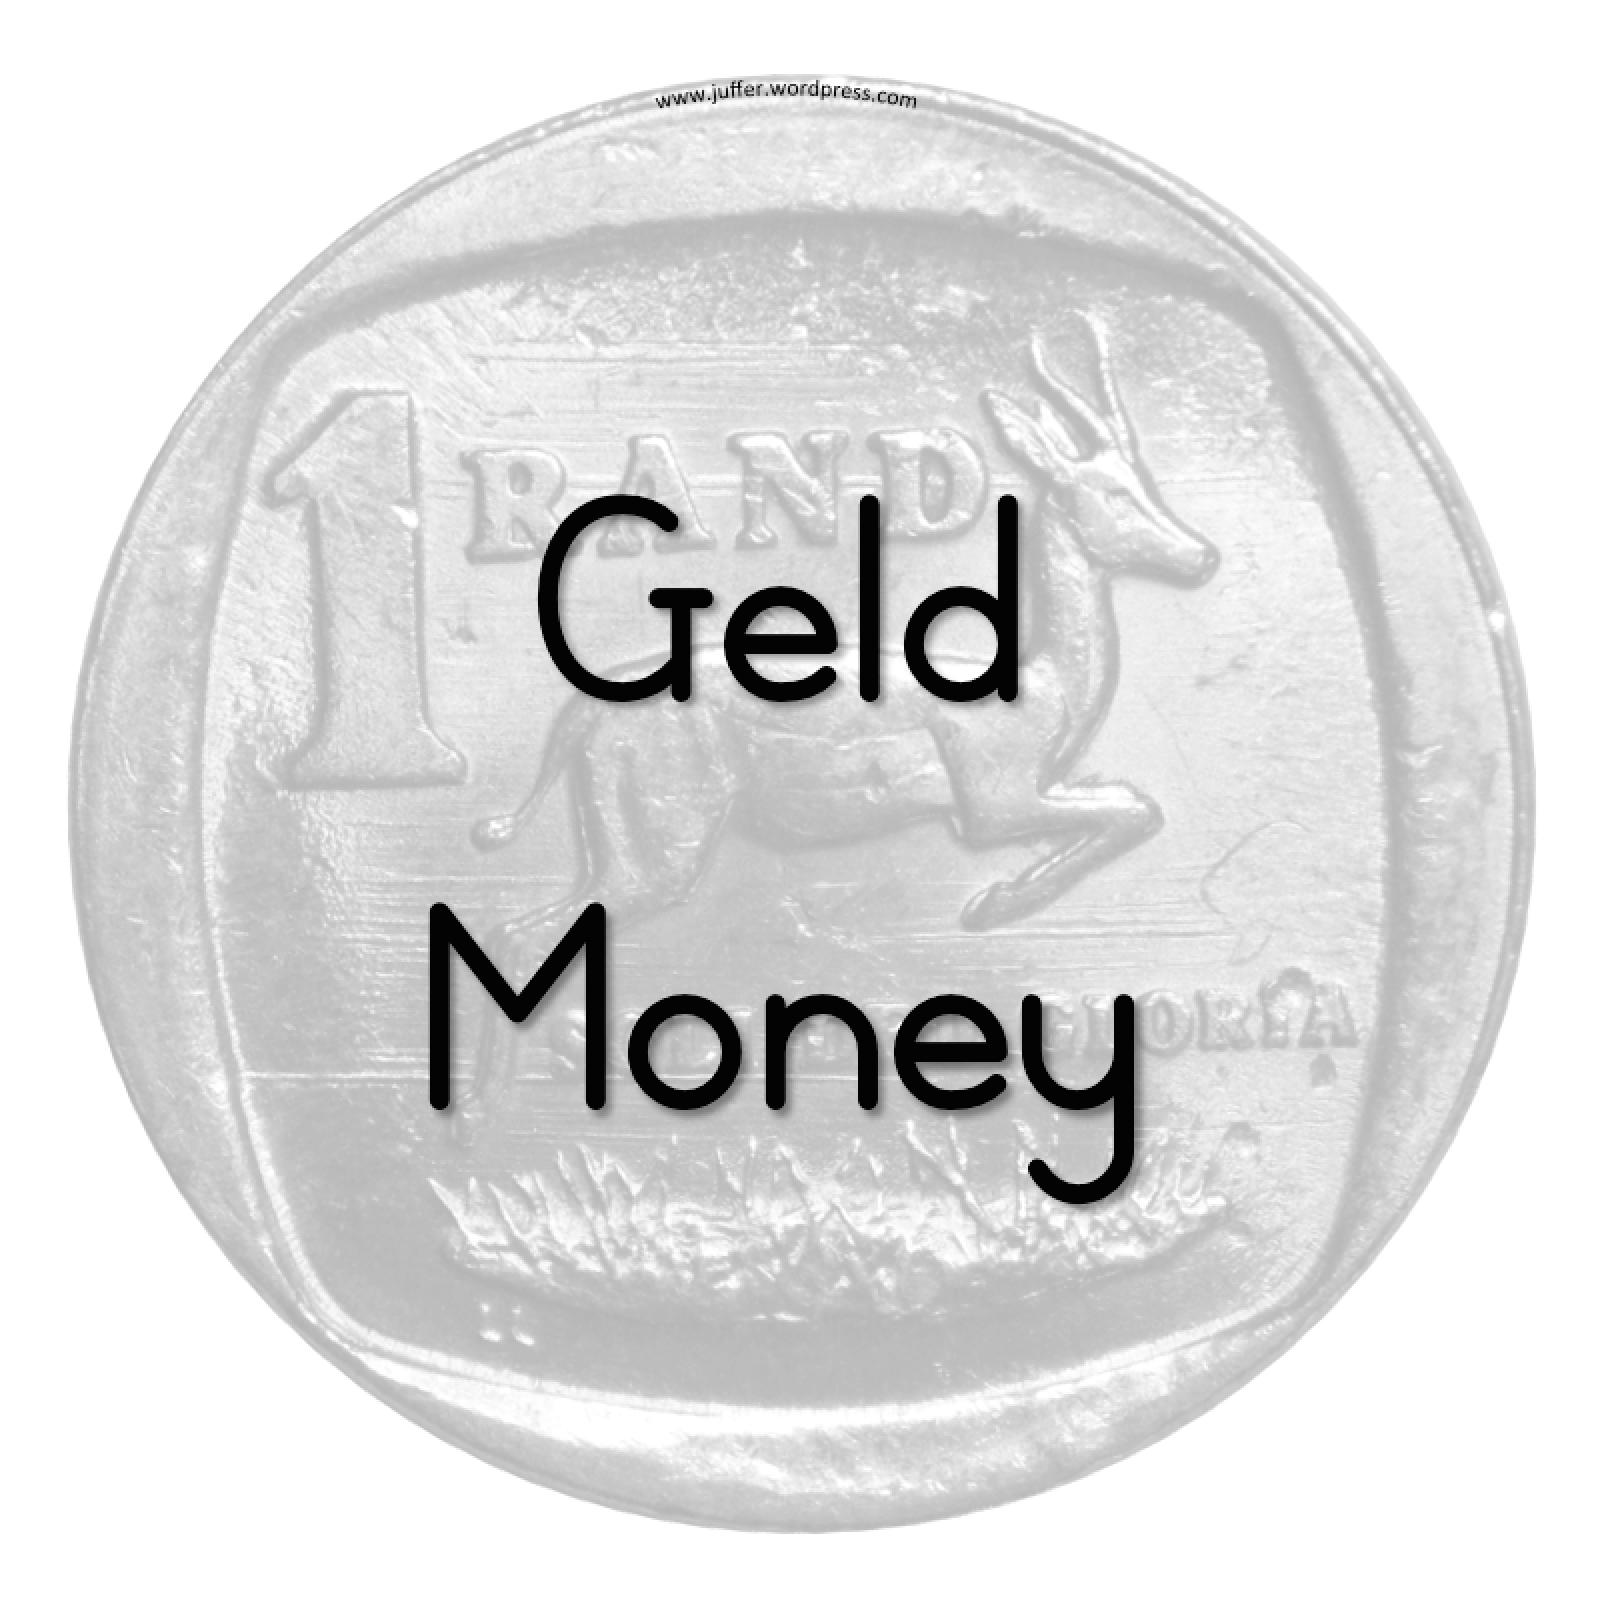 Geld Money